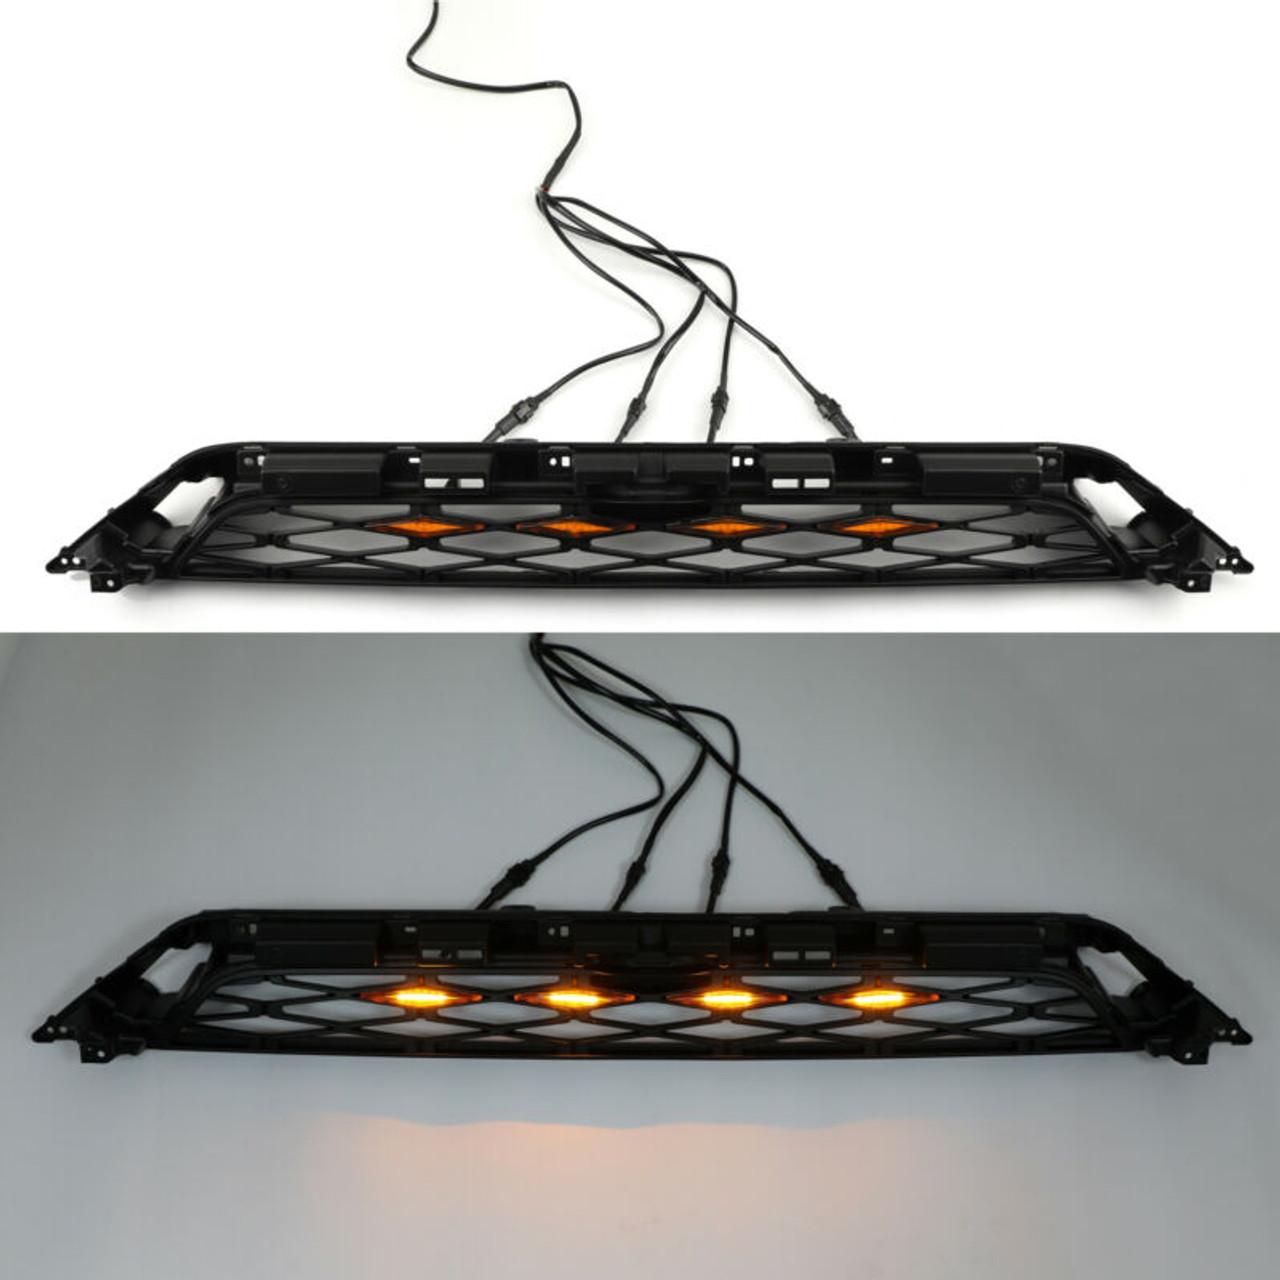 TRD PRO Grilles LED Lights For Toyota 4Runner 2014-2019 4pcs Kit